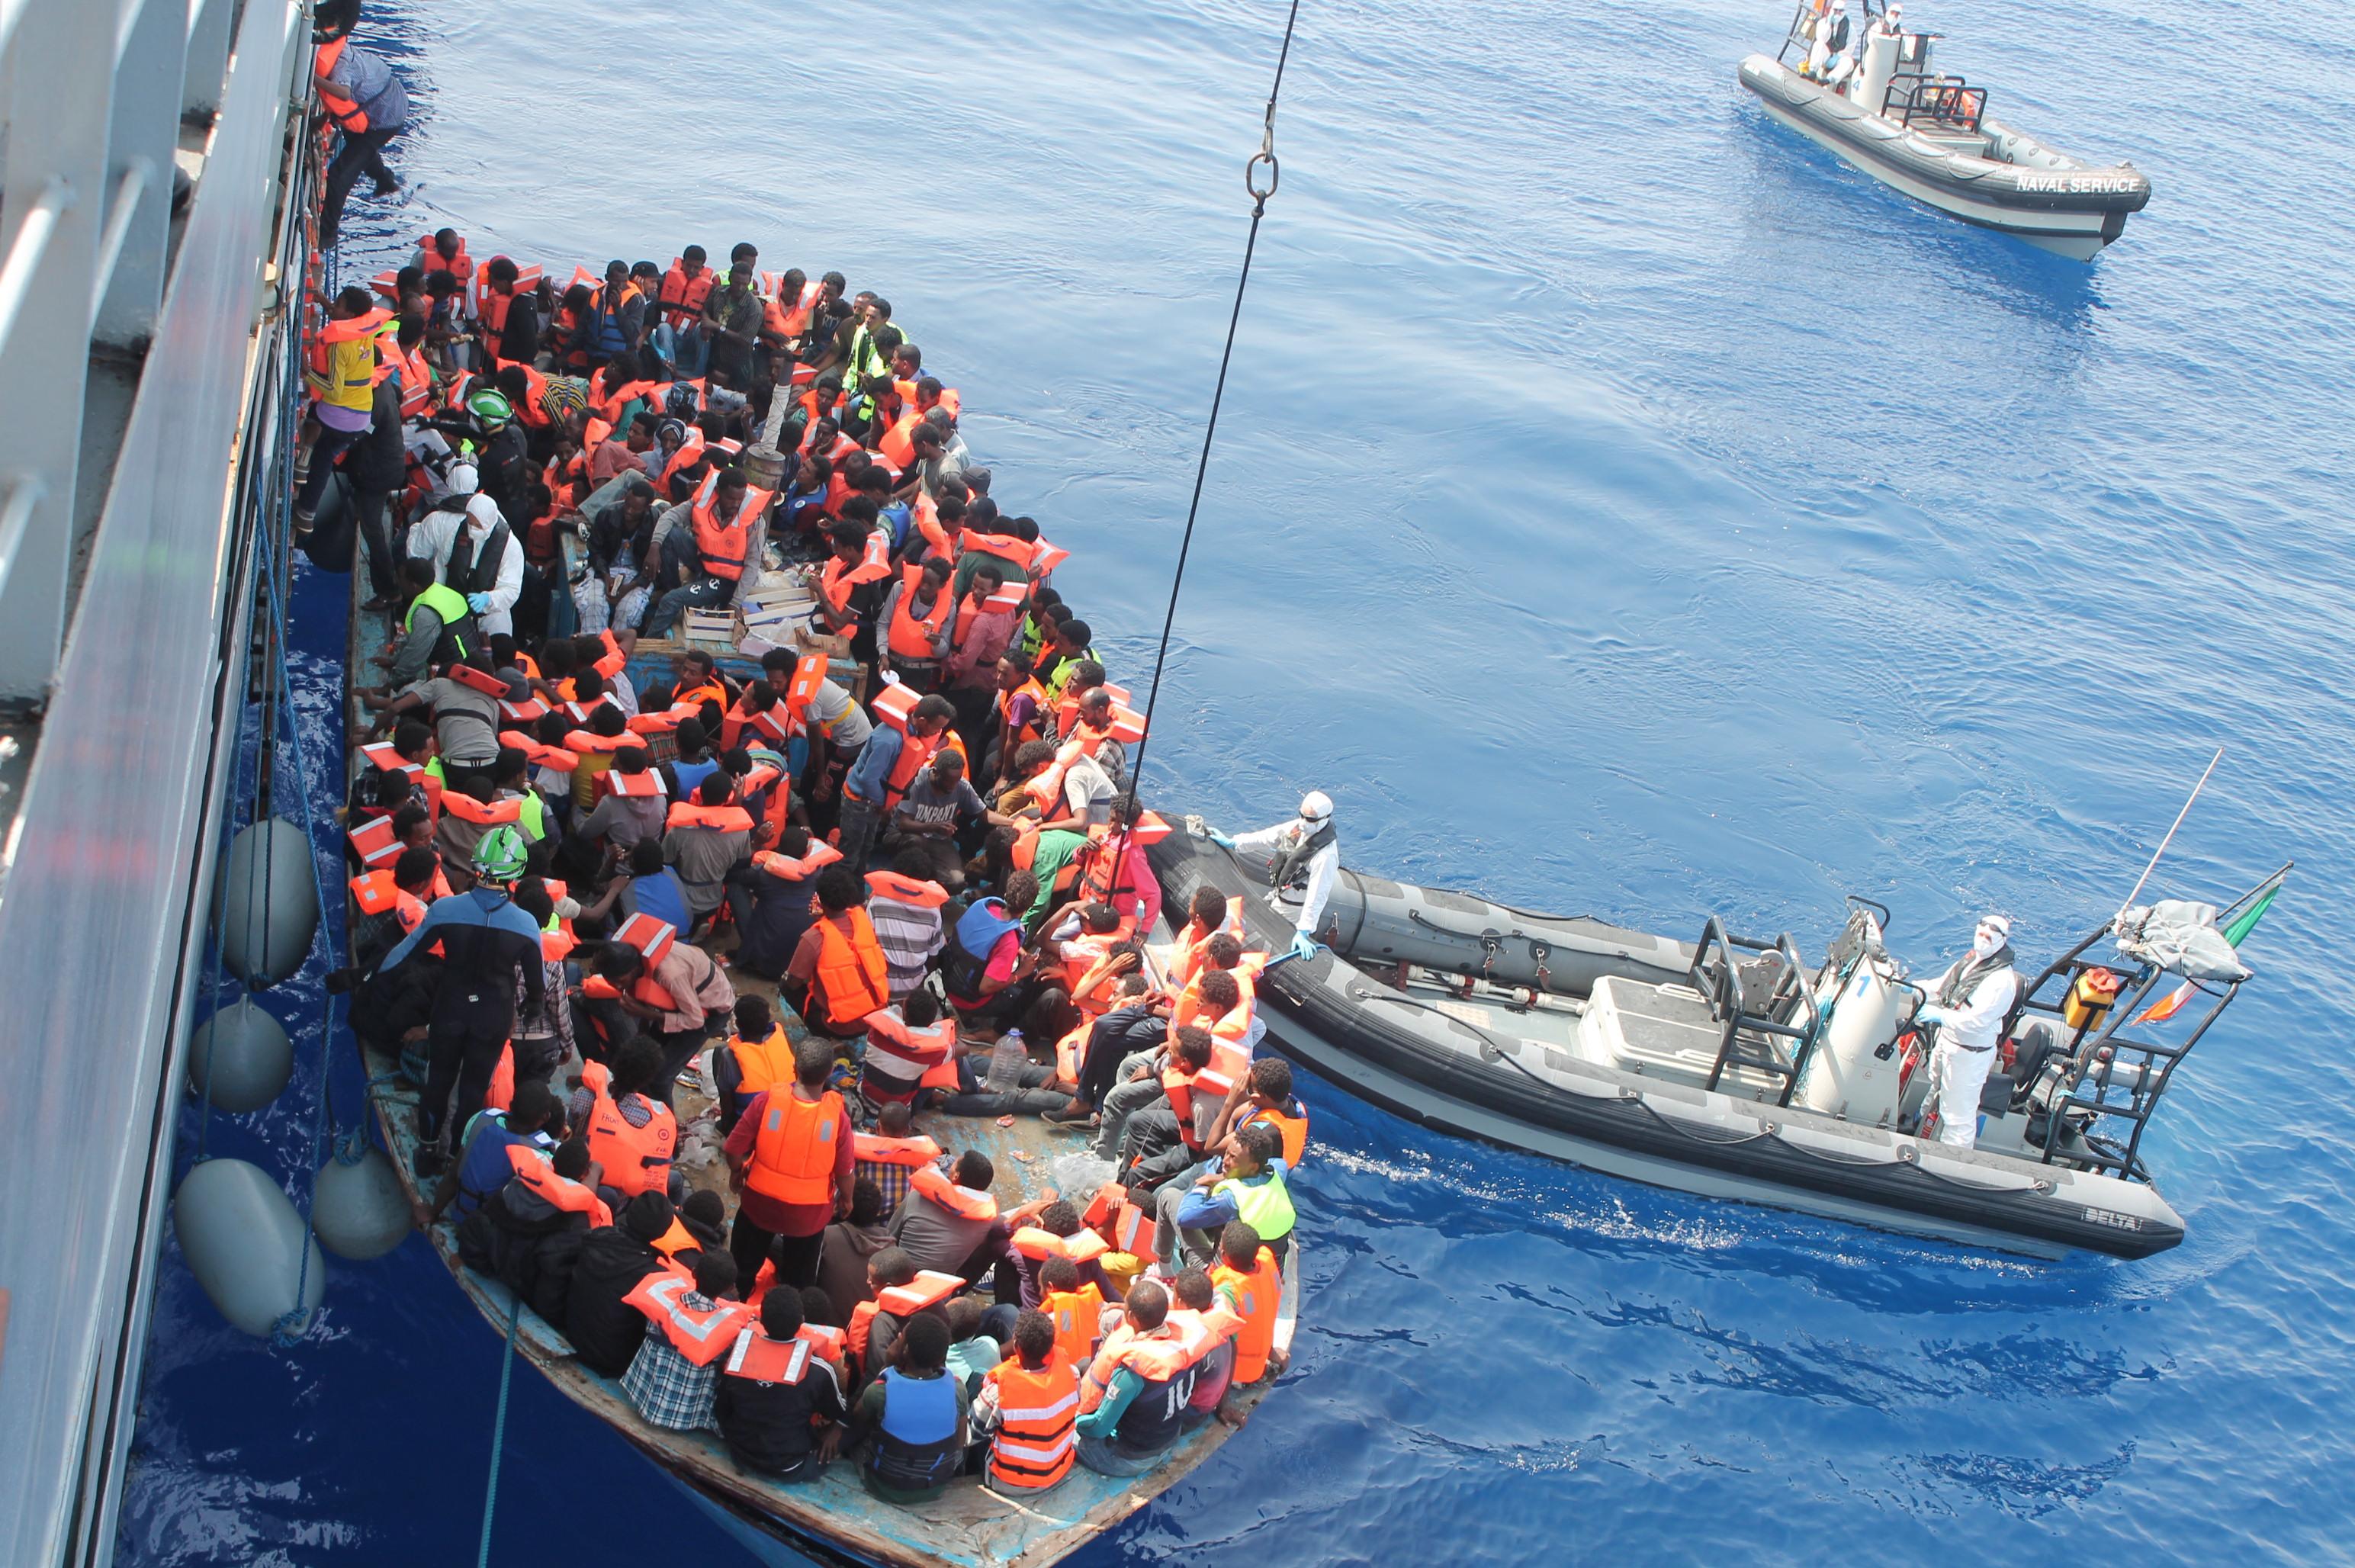 Globalizzazione, guerre, migrazioni. 3 ottobre 2013: il naufragio di Lampedusa